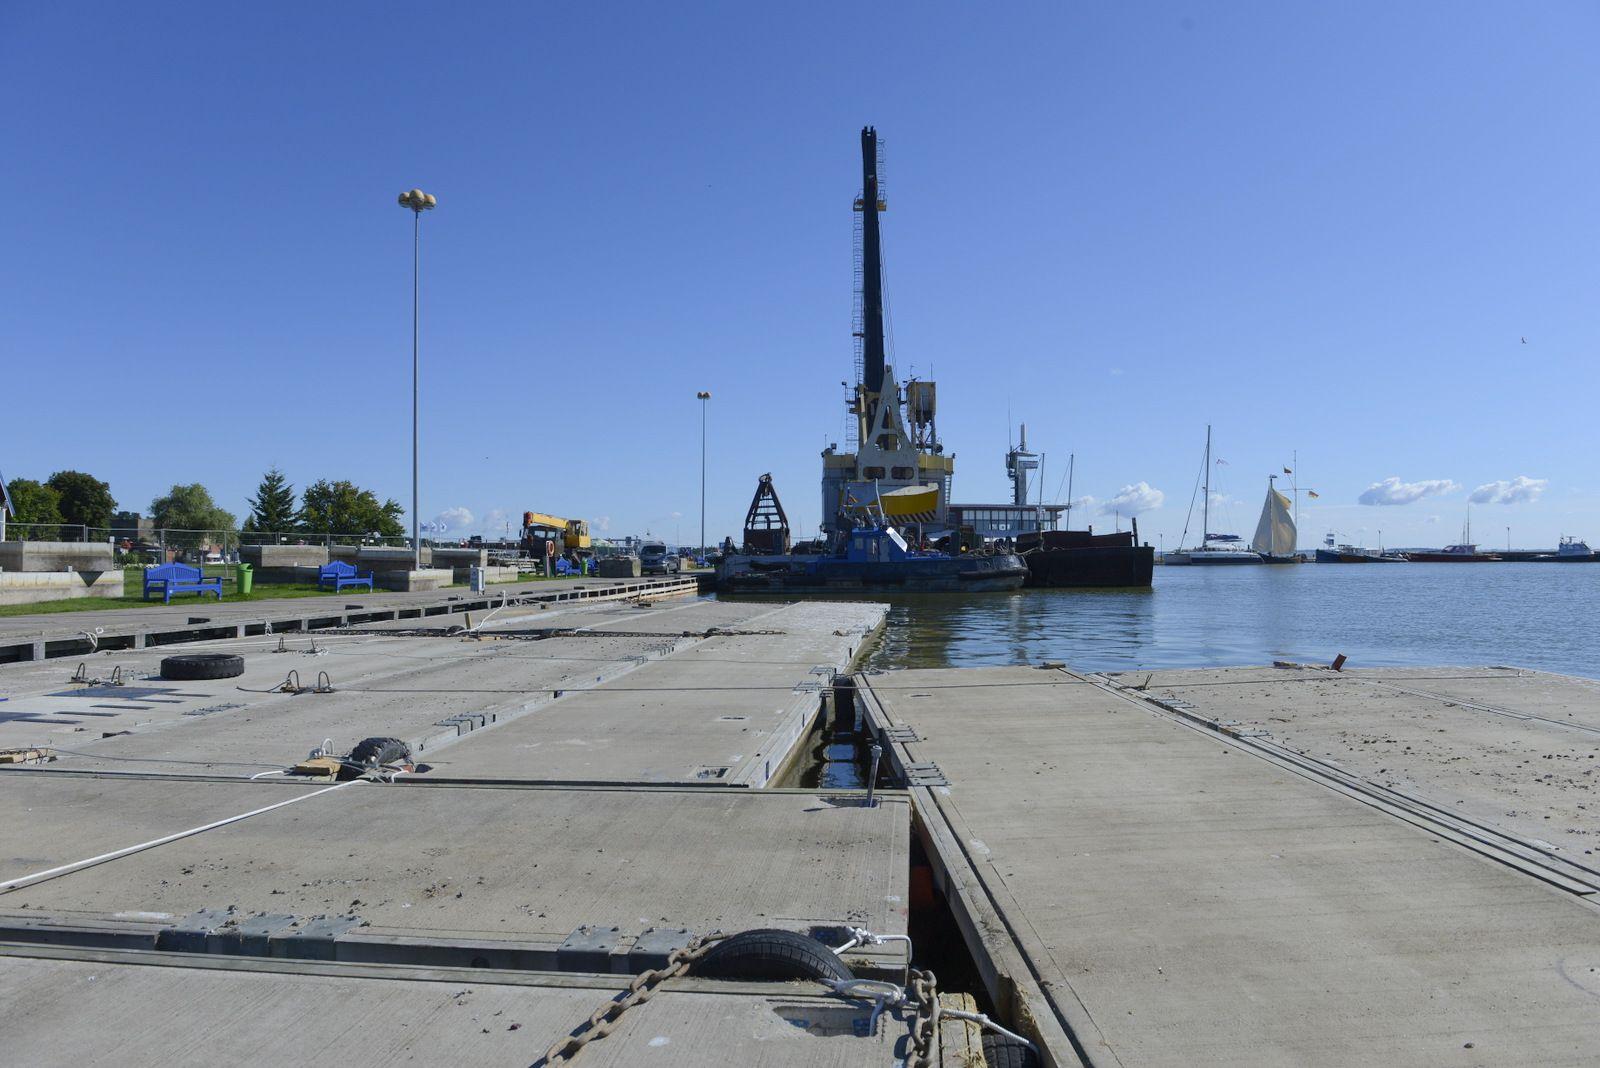 Nidos uoste prad�tos montuoti pontonin�s prieplaukos